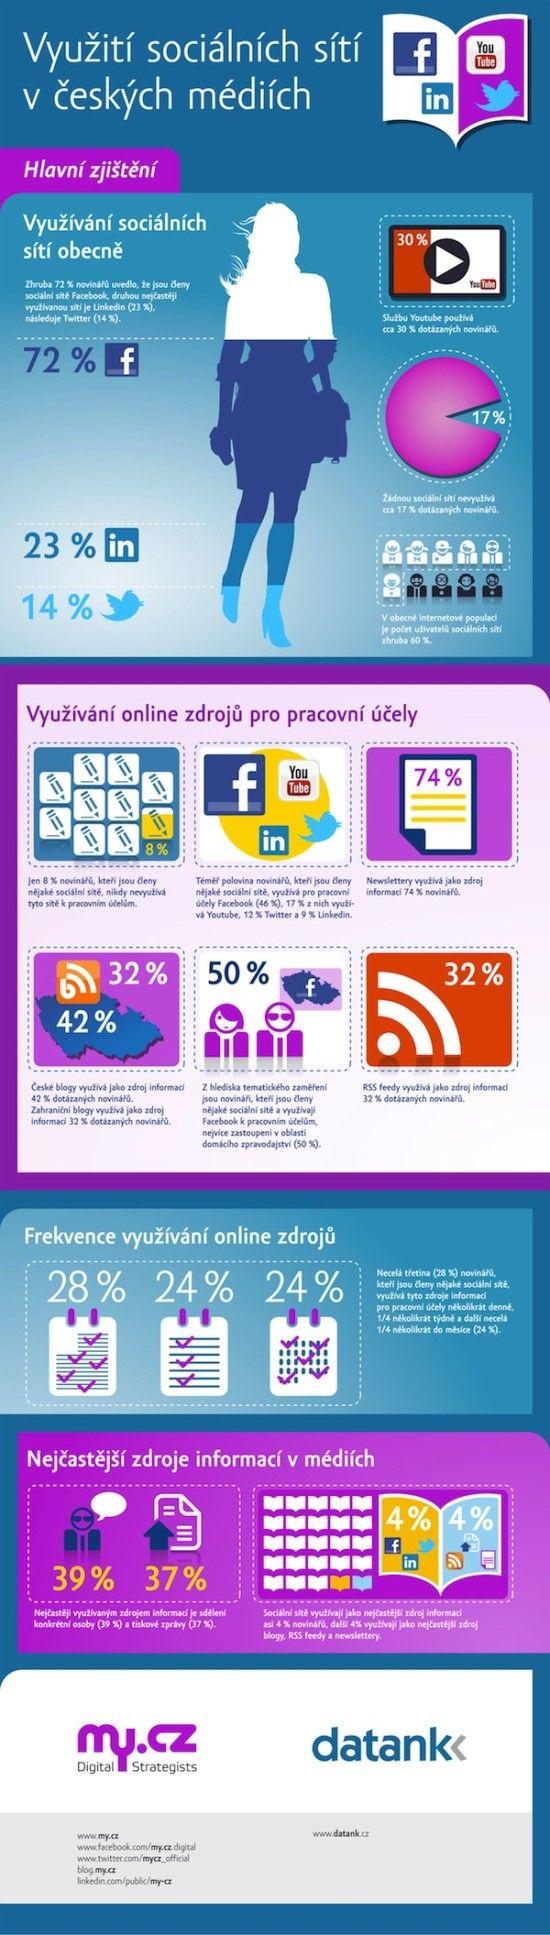 Využití sociálních sítí v českých médiích (JAK VYUŽÍVAJÍ ČESKÁ MÉDIA SOCIÁLNÍ SÍTĚ – INFOGRAFIKA)